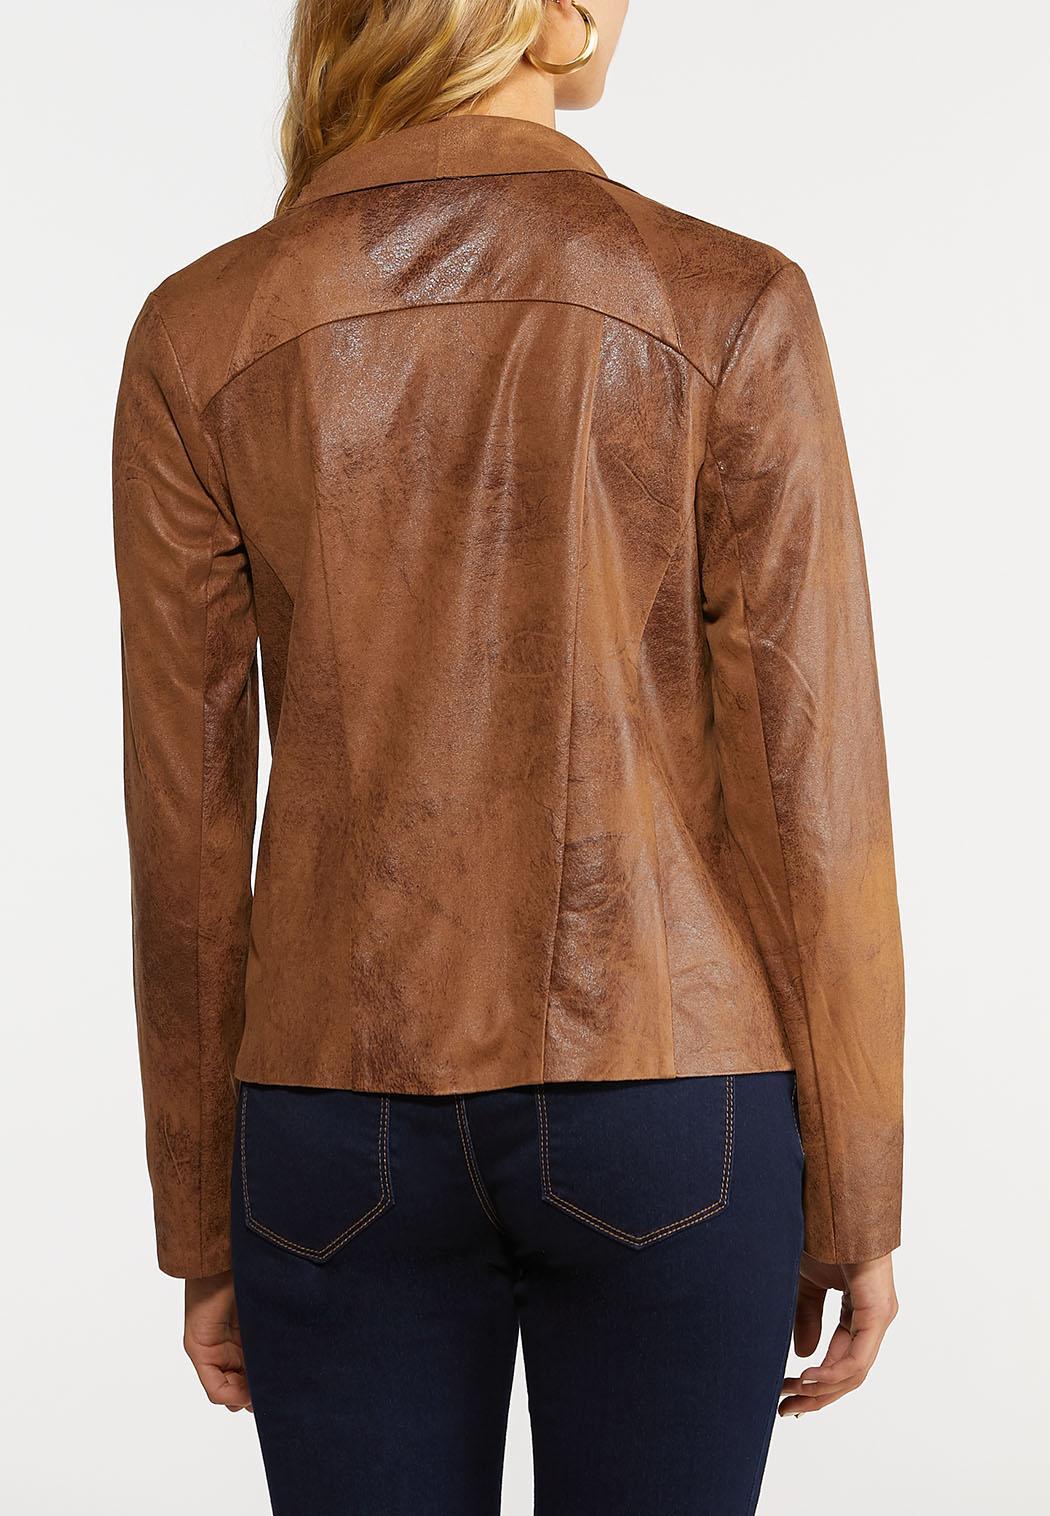 Draped Faux Leather Jacket (Item #43957049)